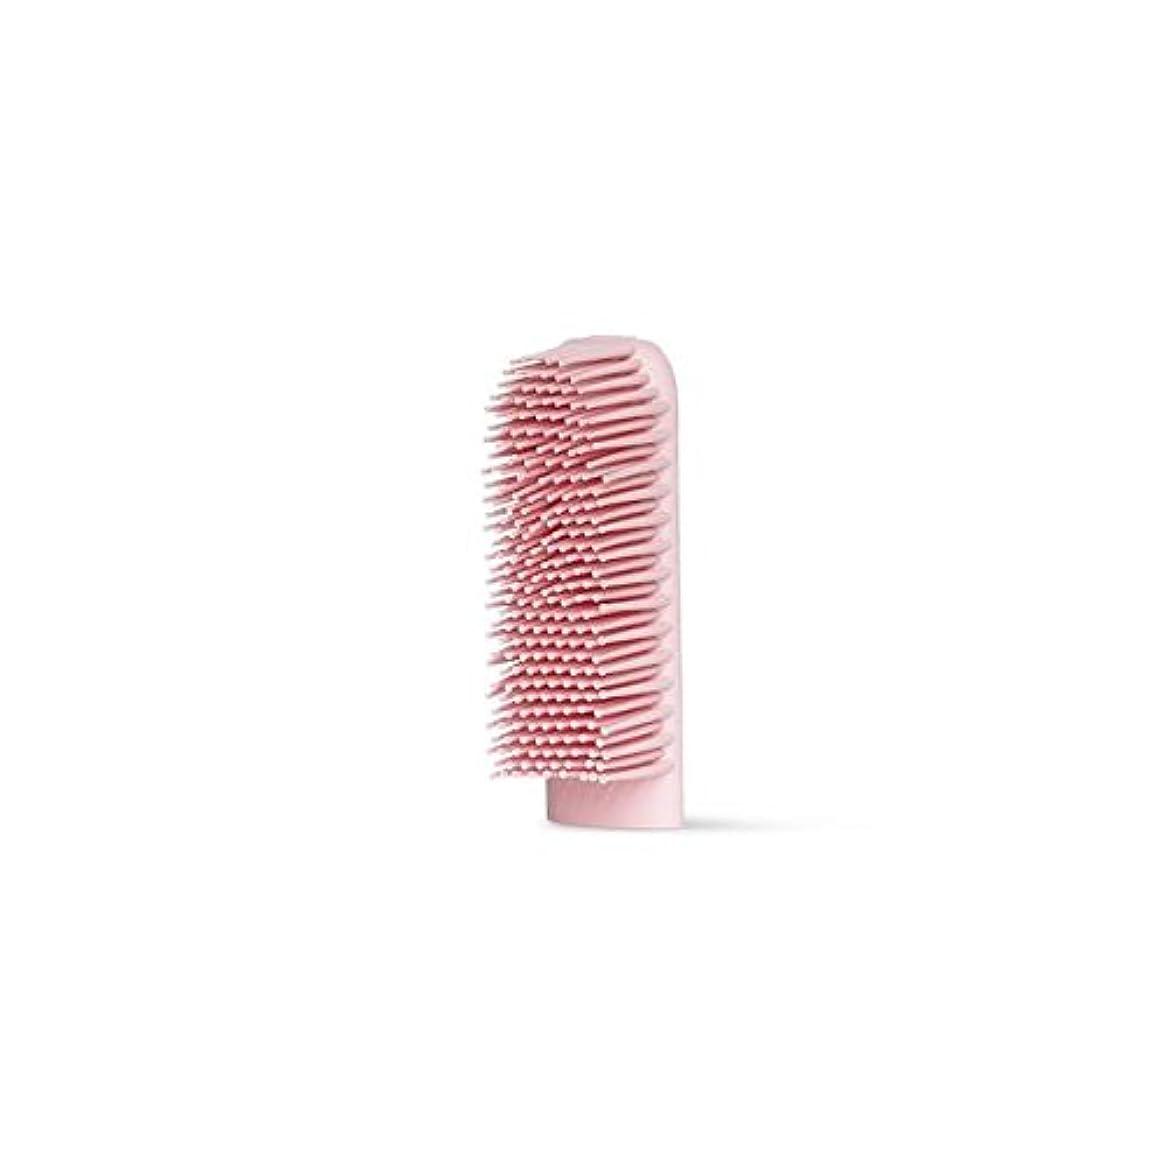 怠なバズワーディアンケースBOIE USA シリコン歯ブラシ (交換用ブラシヘッド ピンク)